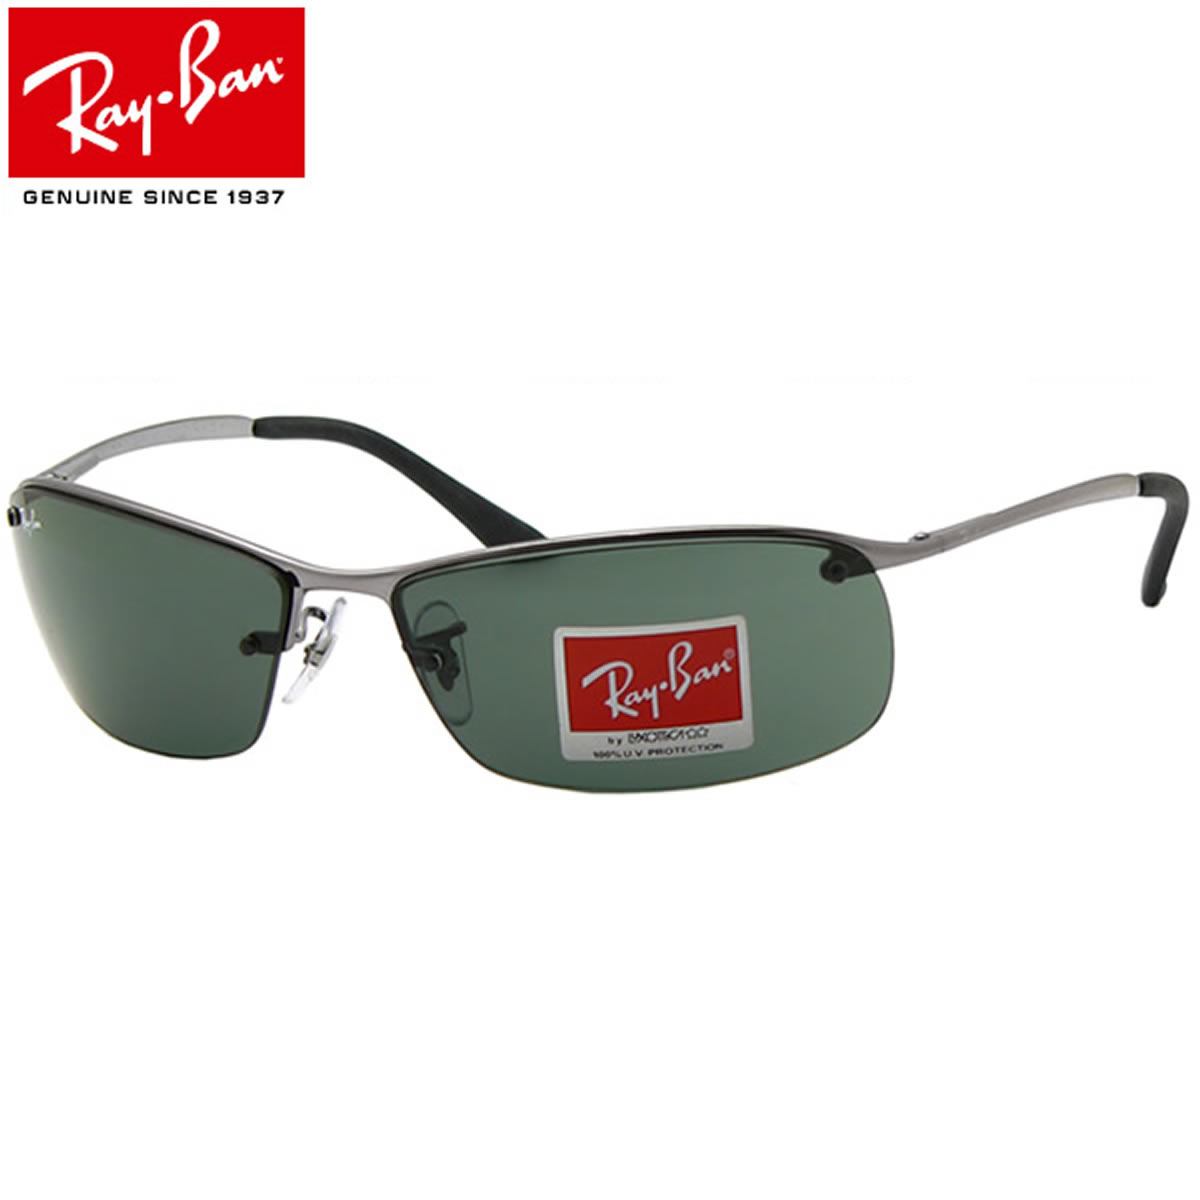 【Ray-Ban】(レイバン) サングラス RB3183 004/71 63サイズ レイバ…...:thats:10011782